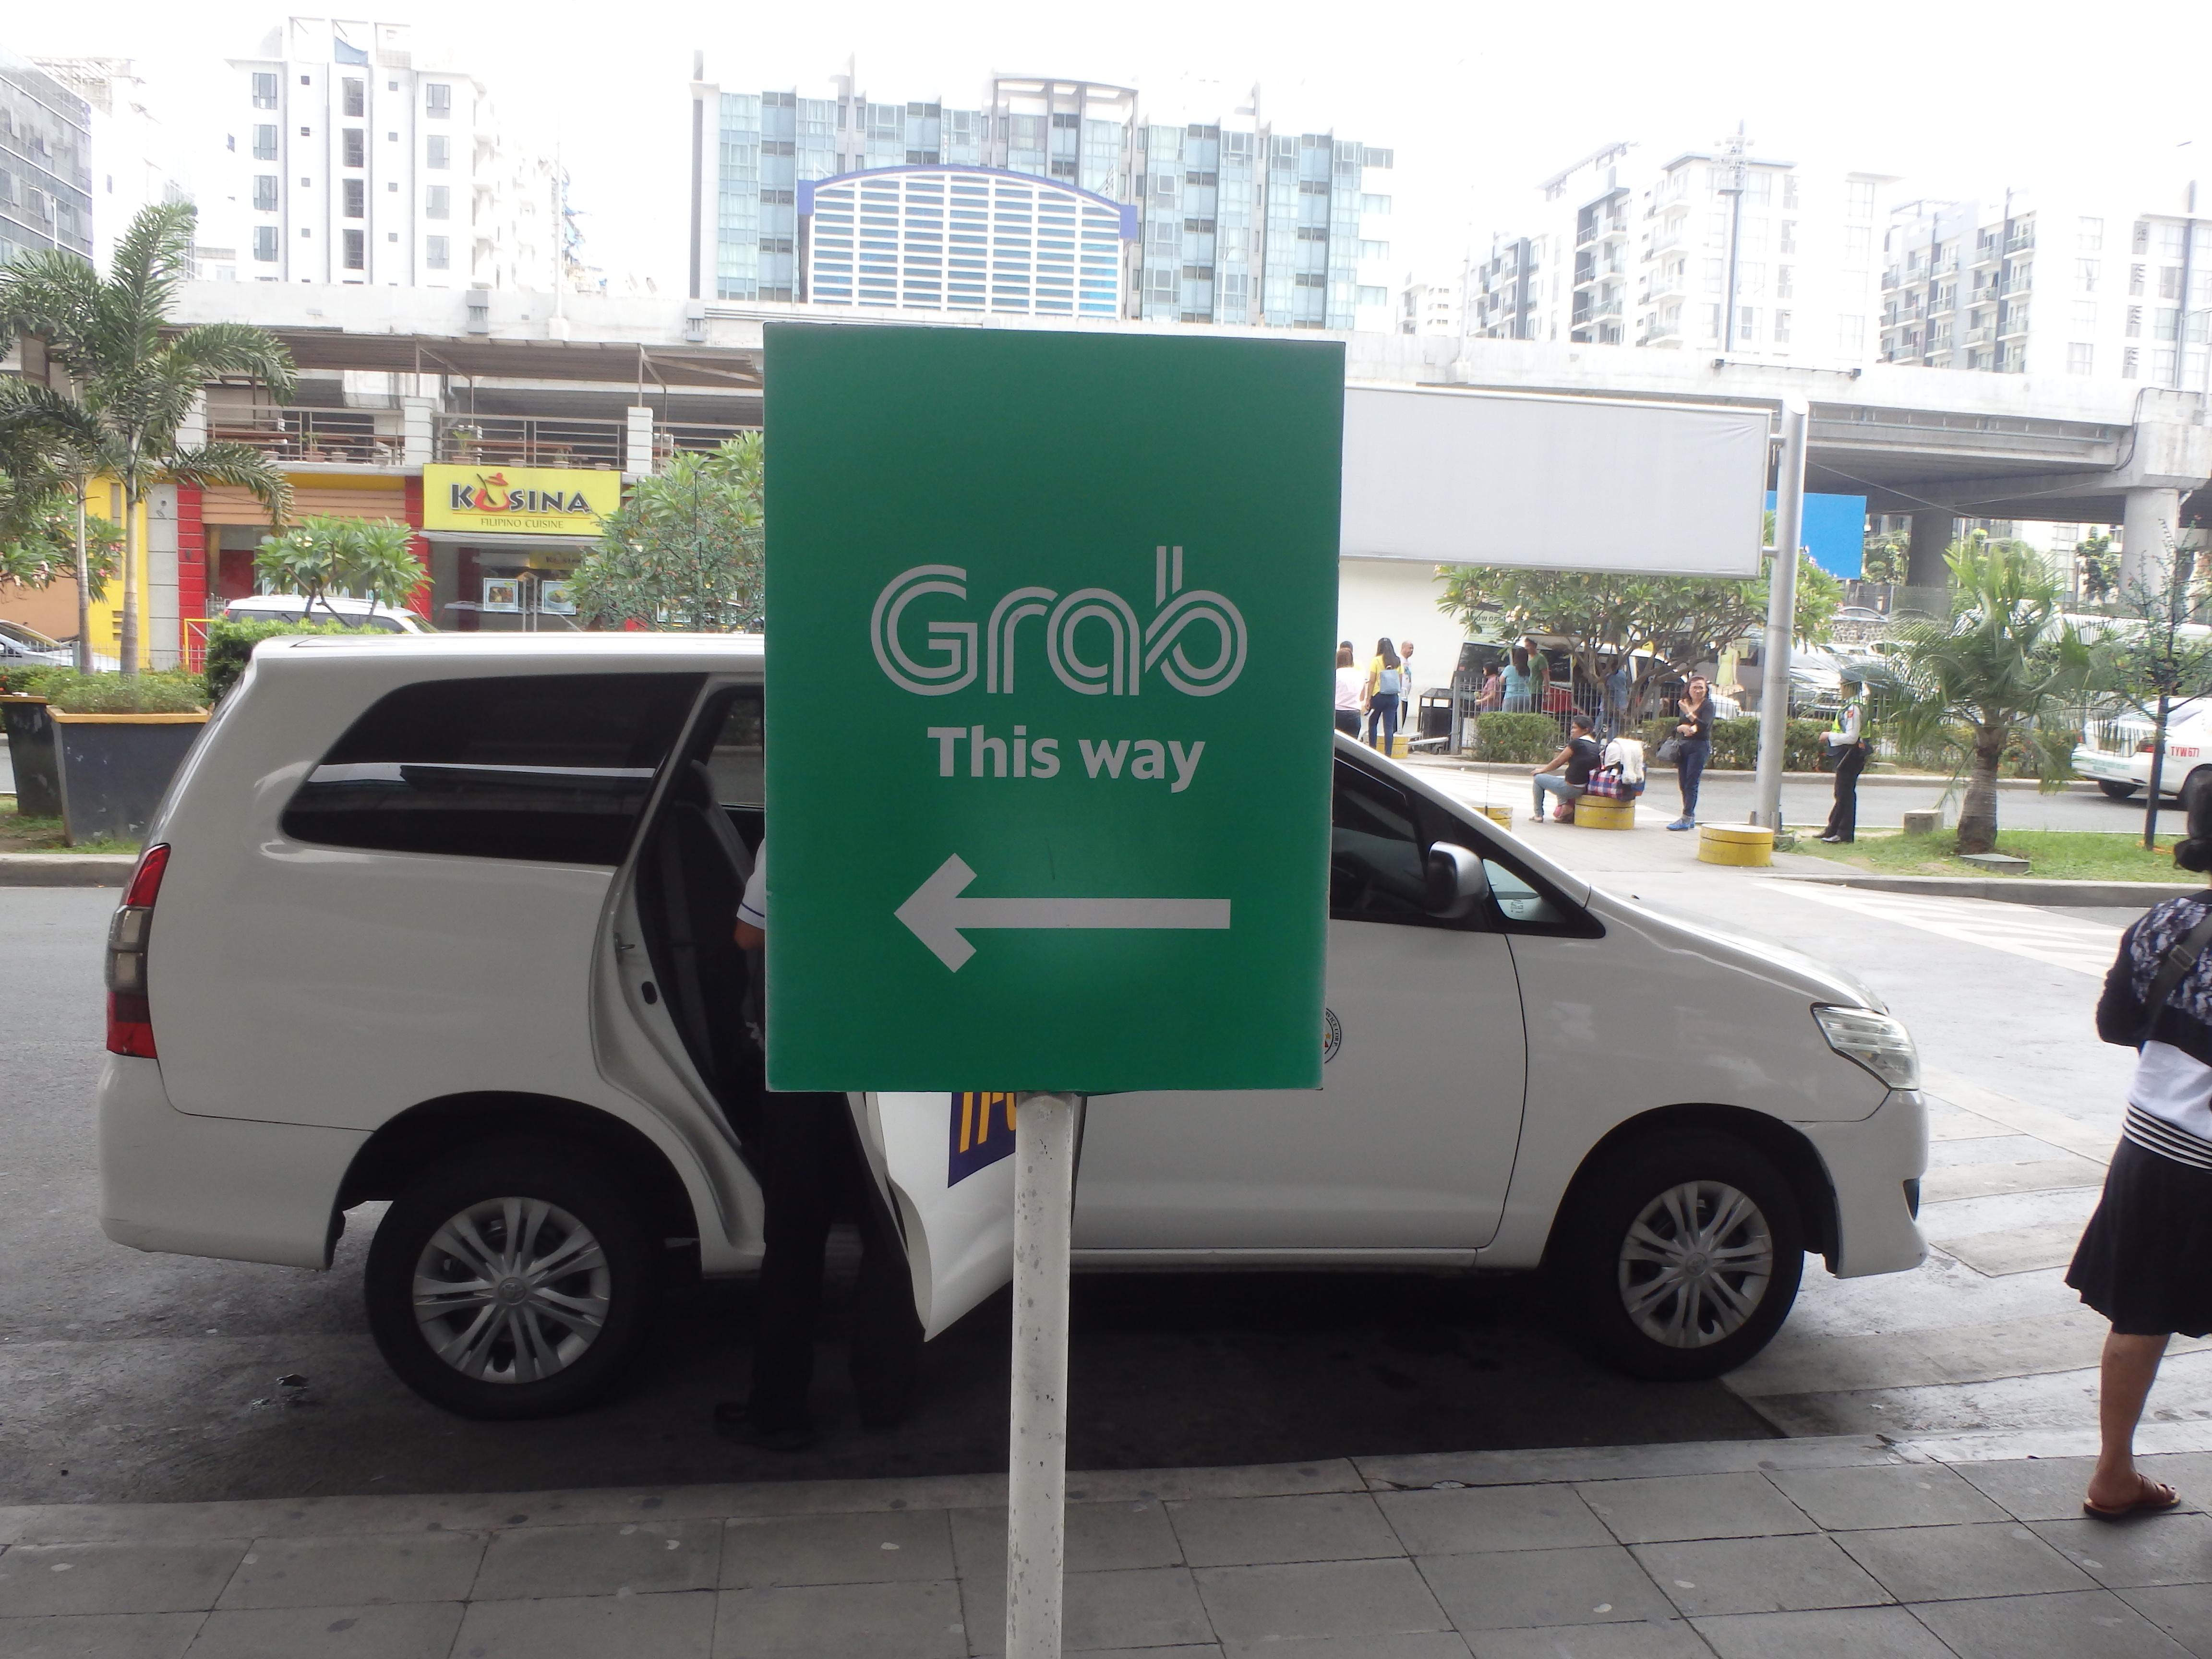 マニラ空港にはびこる不良タクシーを一掃出来るか?アプリ配車の参入